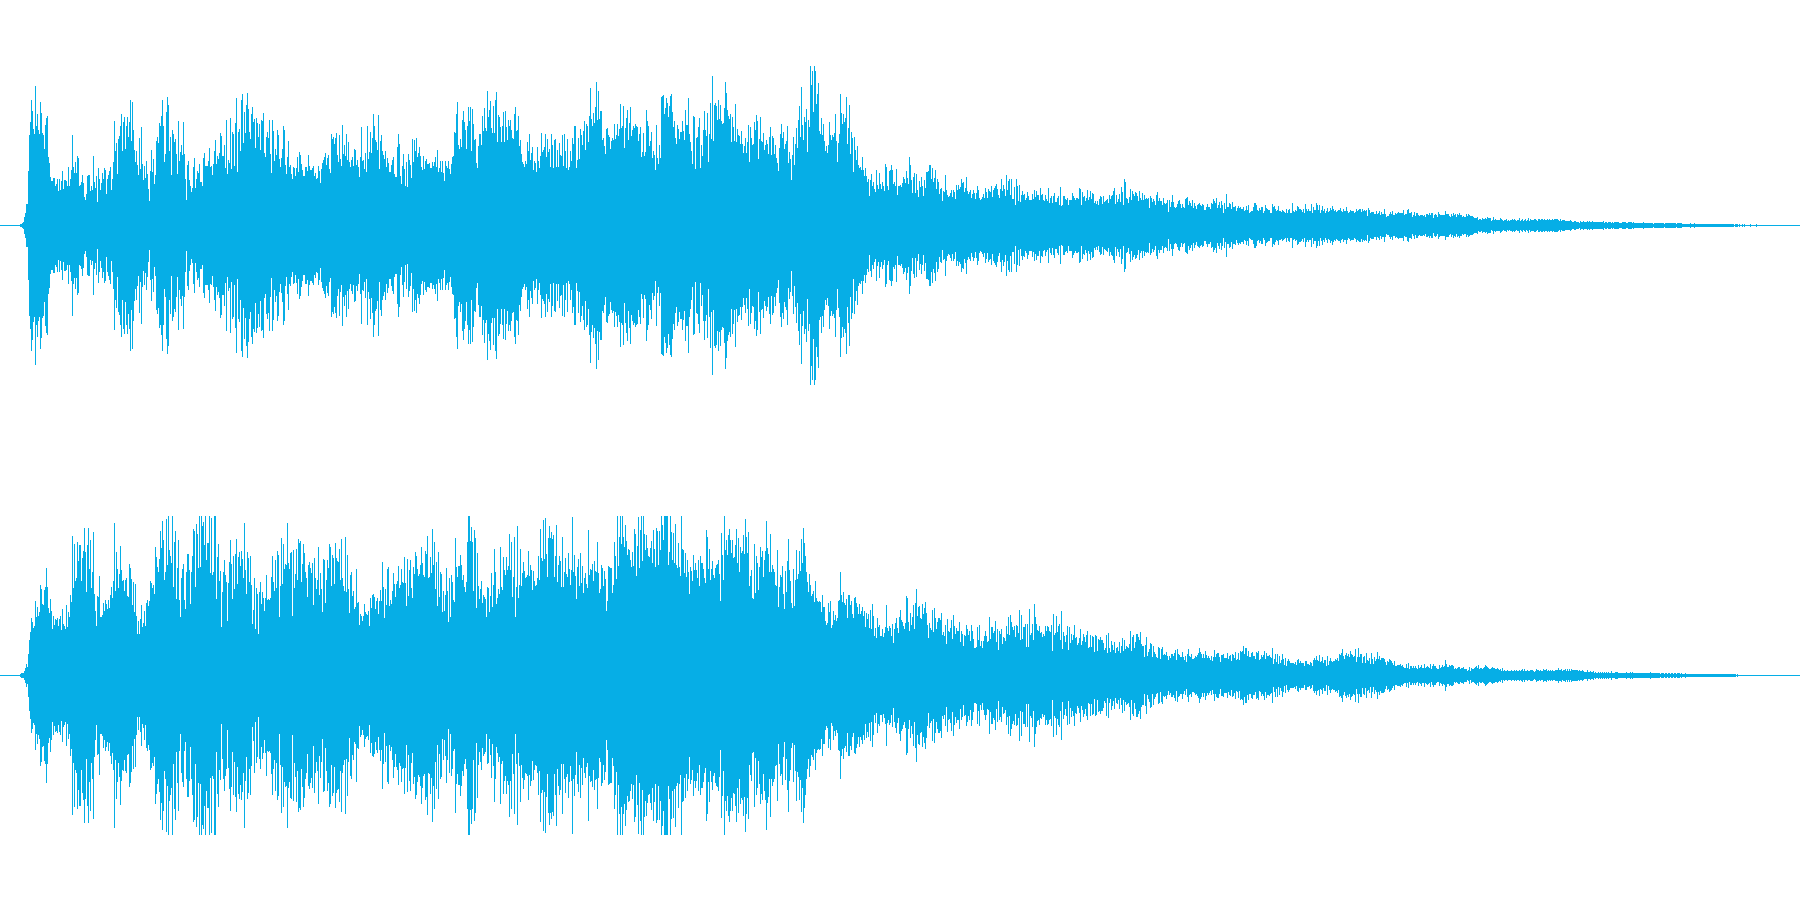 さわやかで綺麗なジングル アプリ起動音等の再生済みの波形